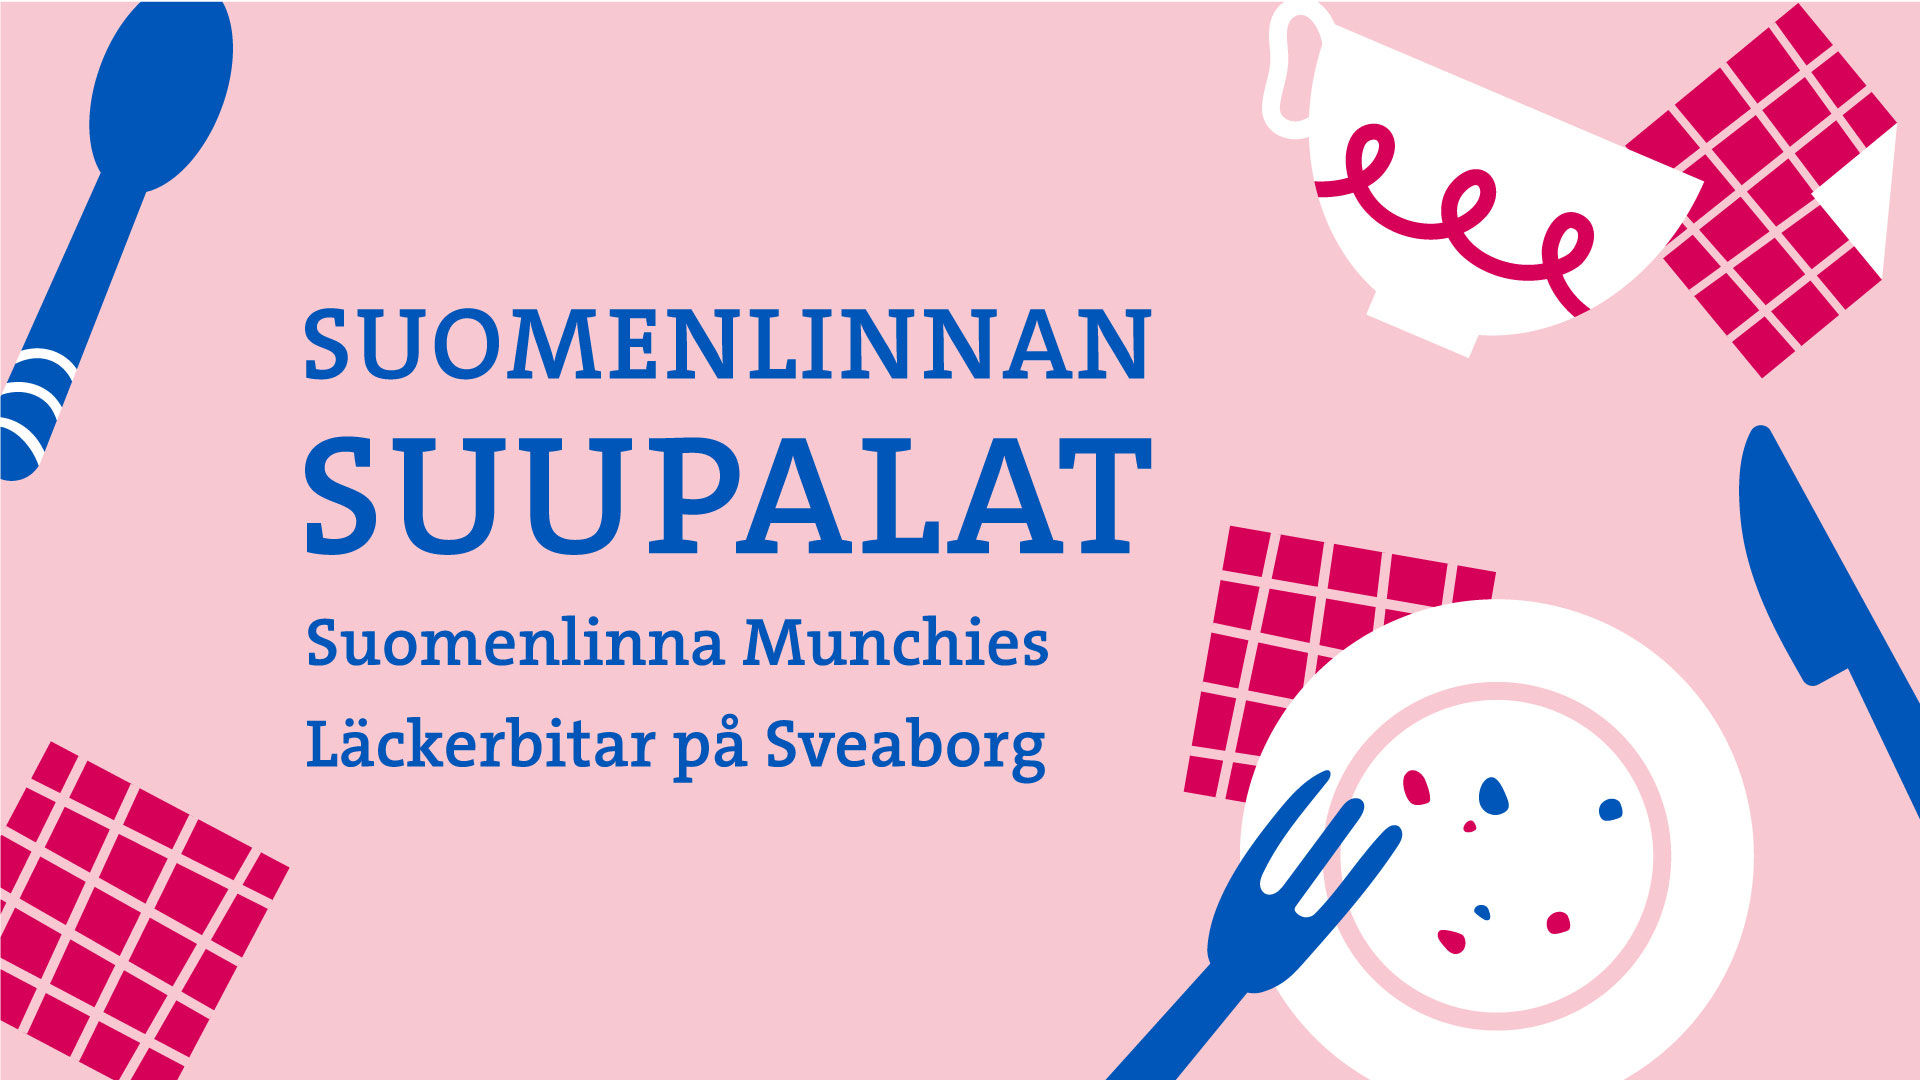 Linkki tapahtumaan Suomenlinnan Suupalat 2021